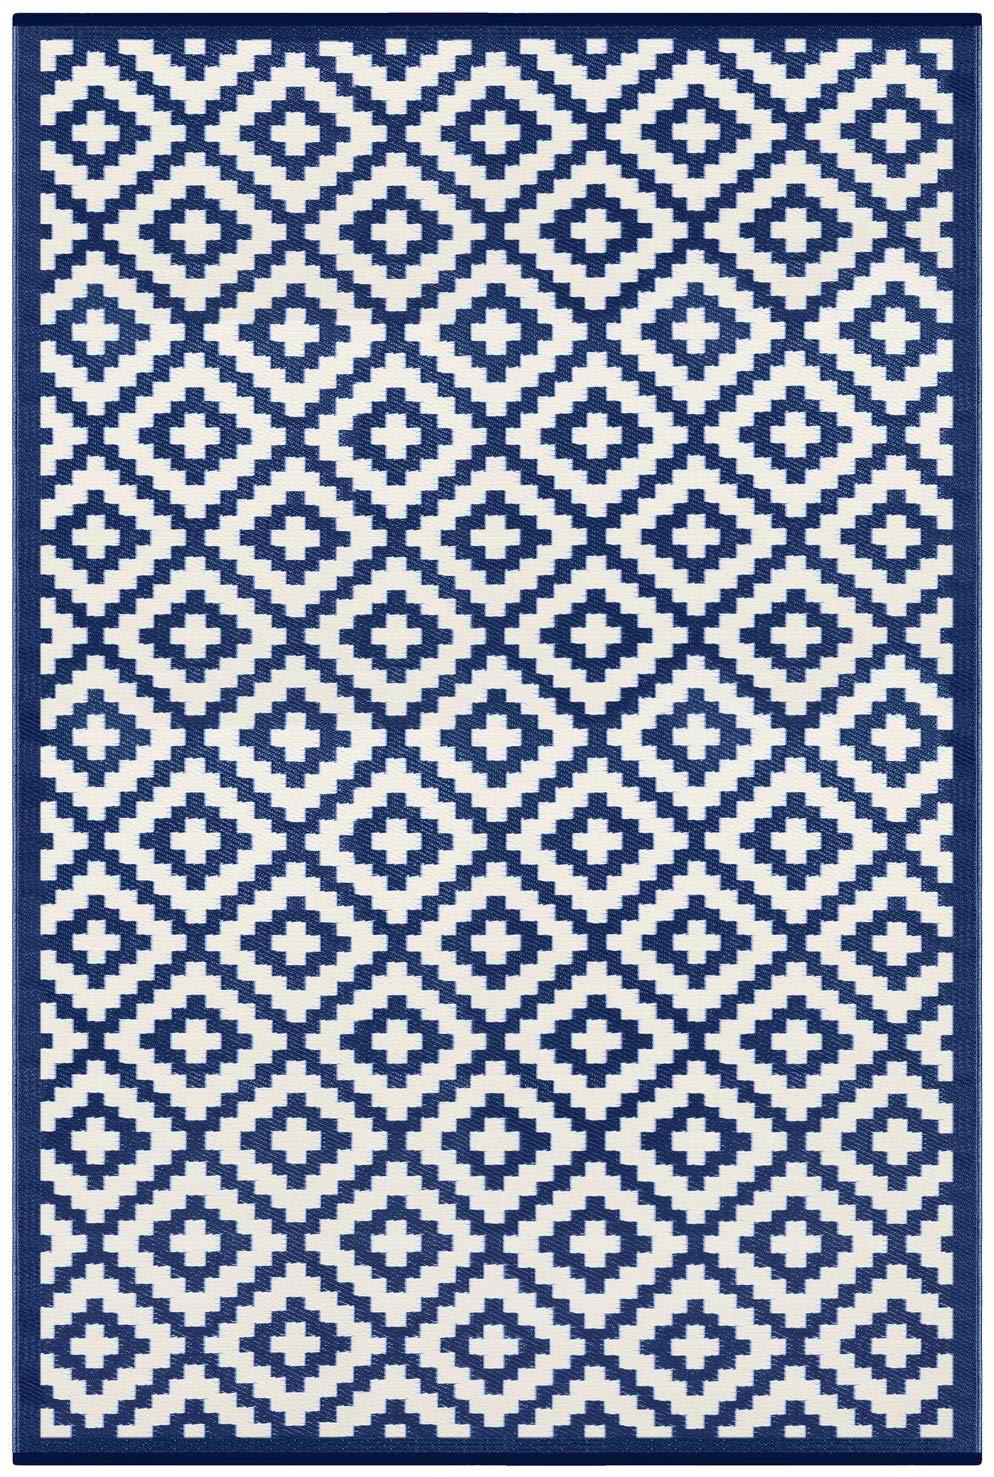 Grün Decore Nirvana für Innen und Außen   Federleicht   Wendbarer Ökoteppich (180 x 270 cm, Marine-Blau \ Weiß)